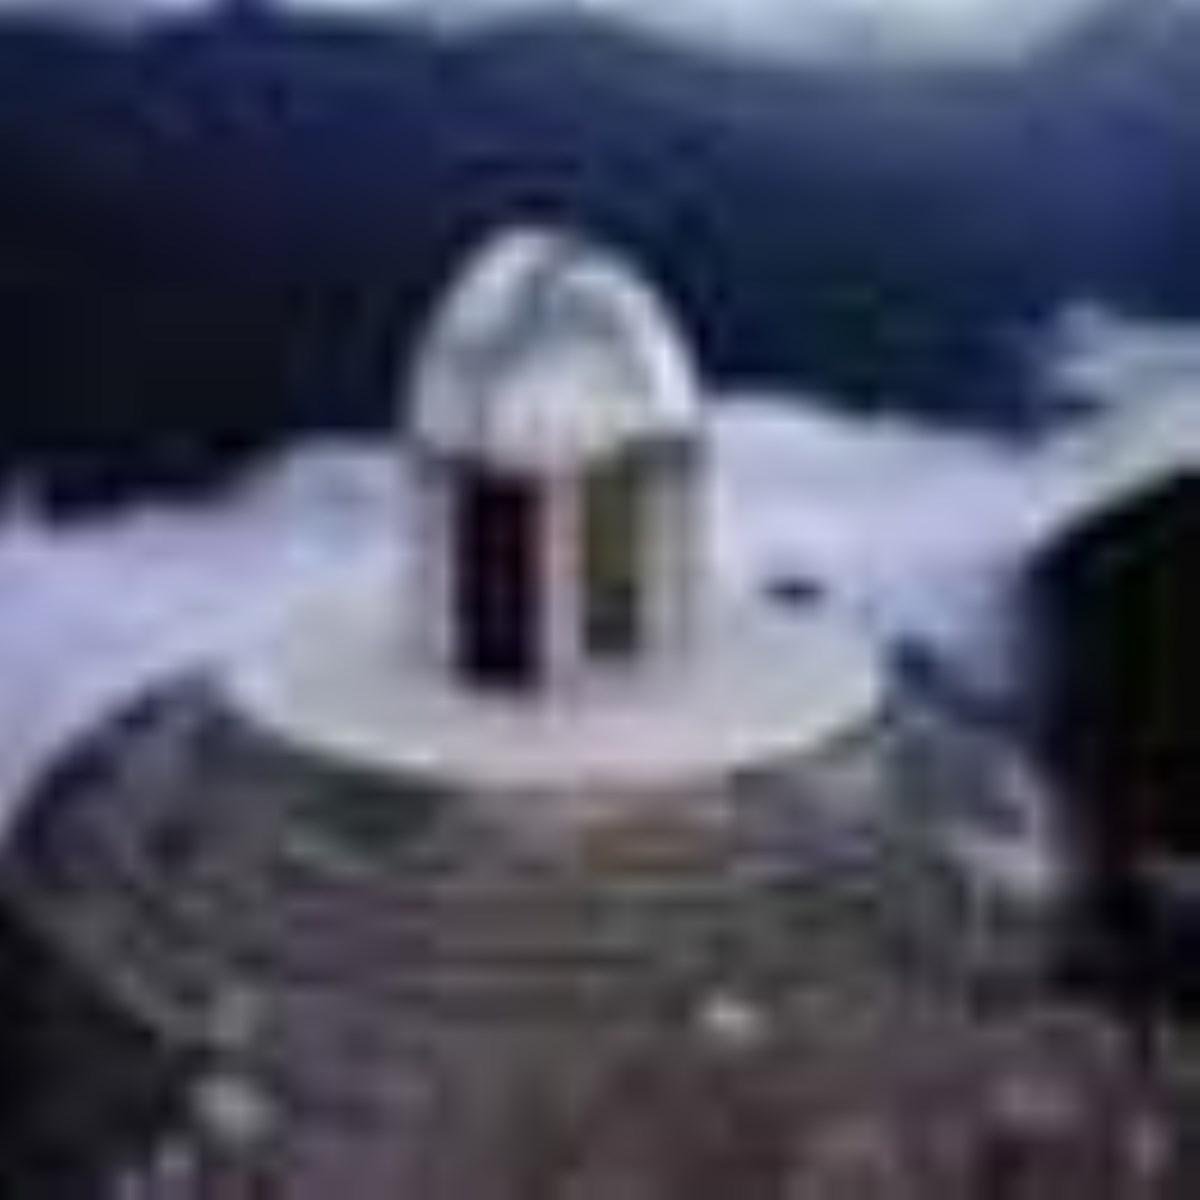 رصدخانه باستانی در پرو محل پرستش مهرپرستان